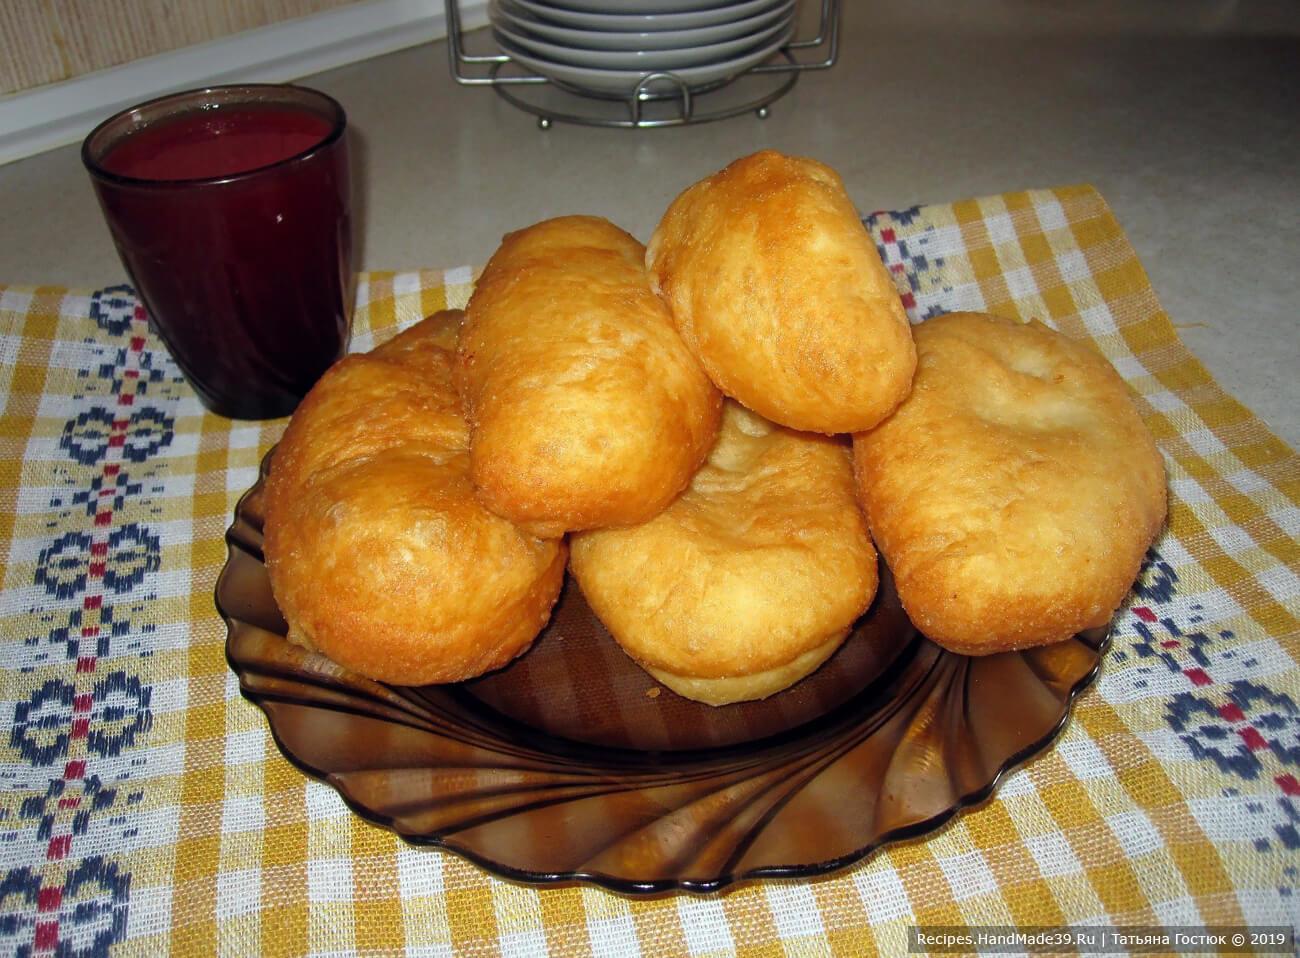 Пушистые жареные пирожки из домашнего дрожжевого теста с творогом